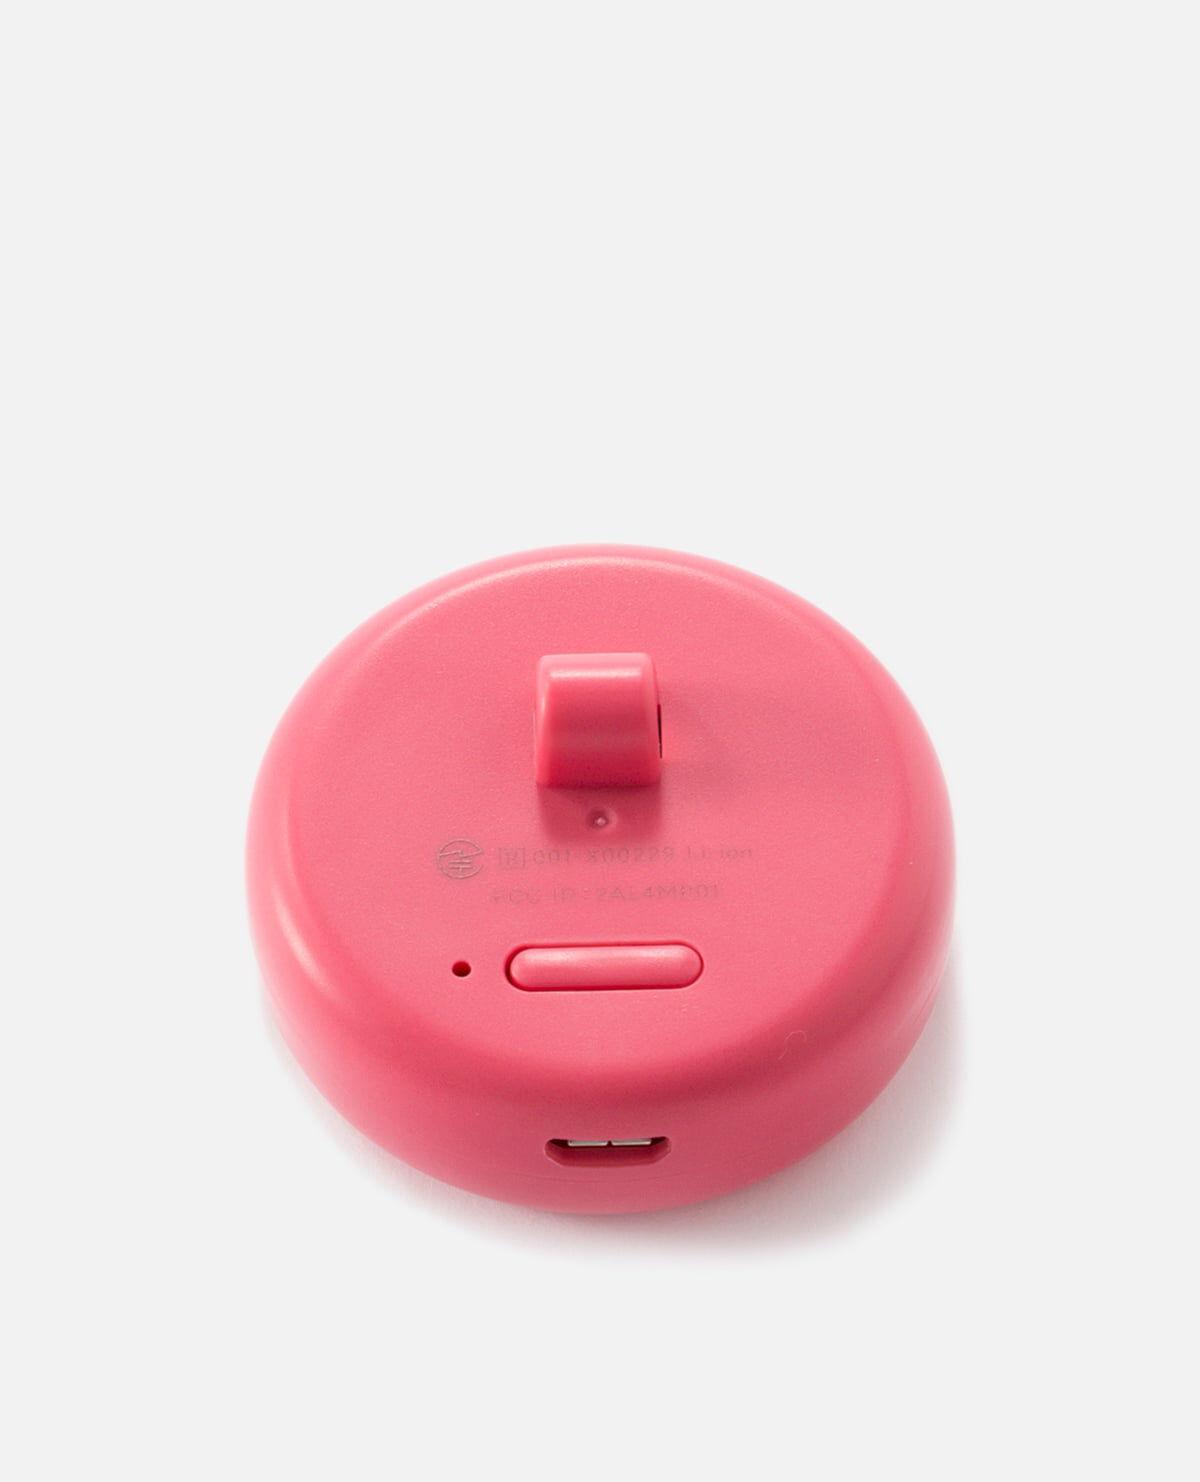 ぺチャット スピーカー ピンク ぬいぐるみ